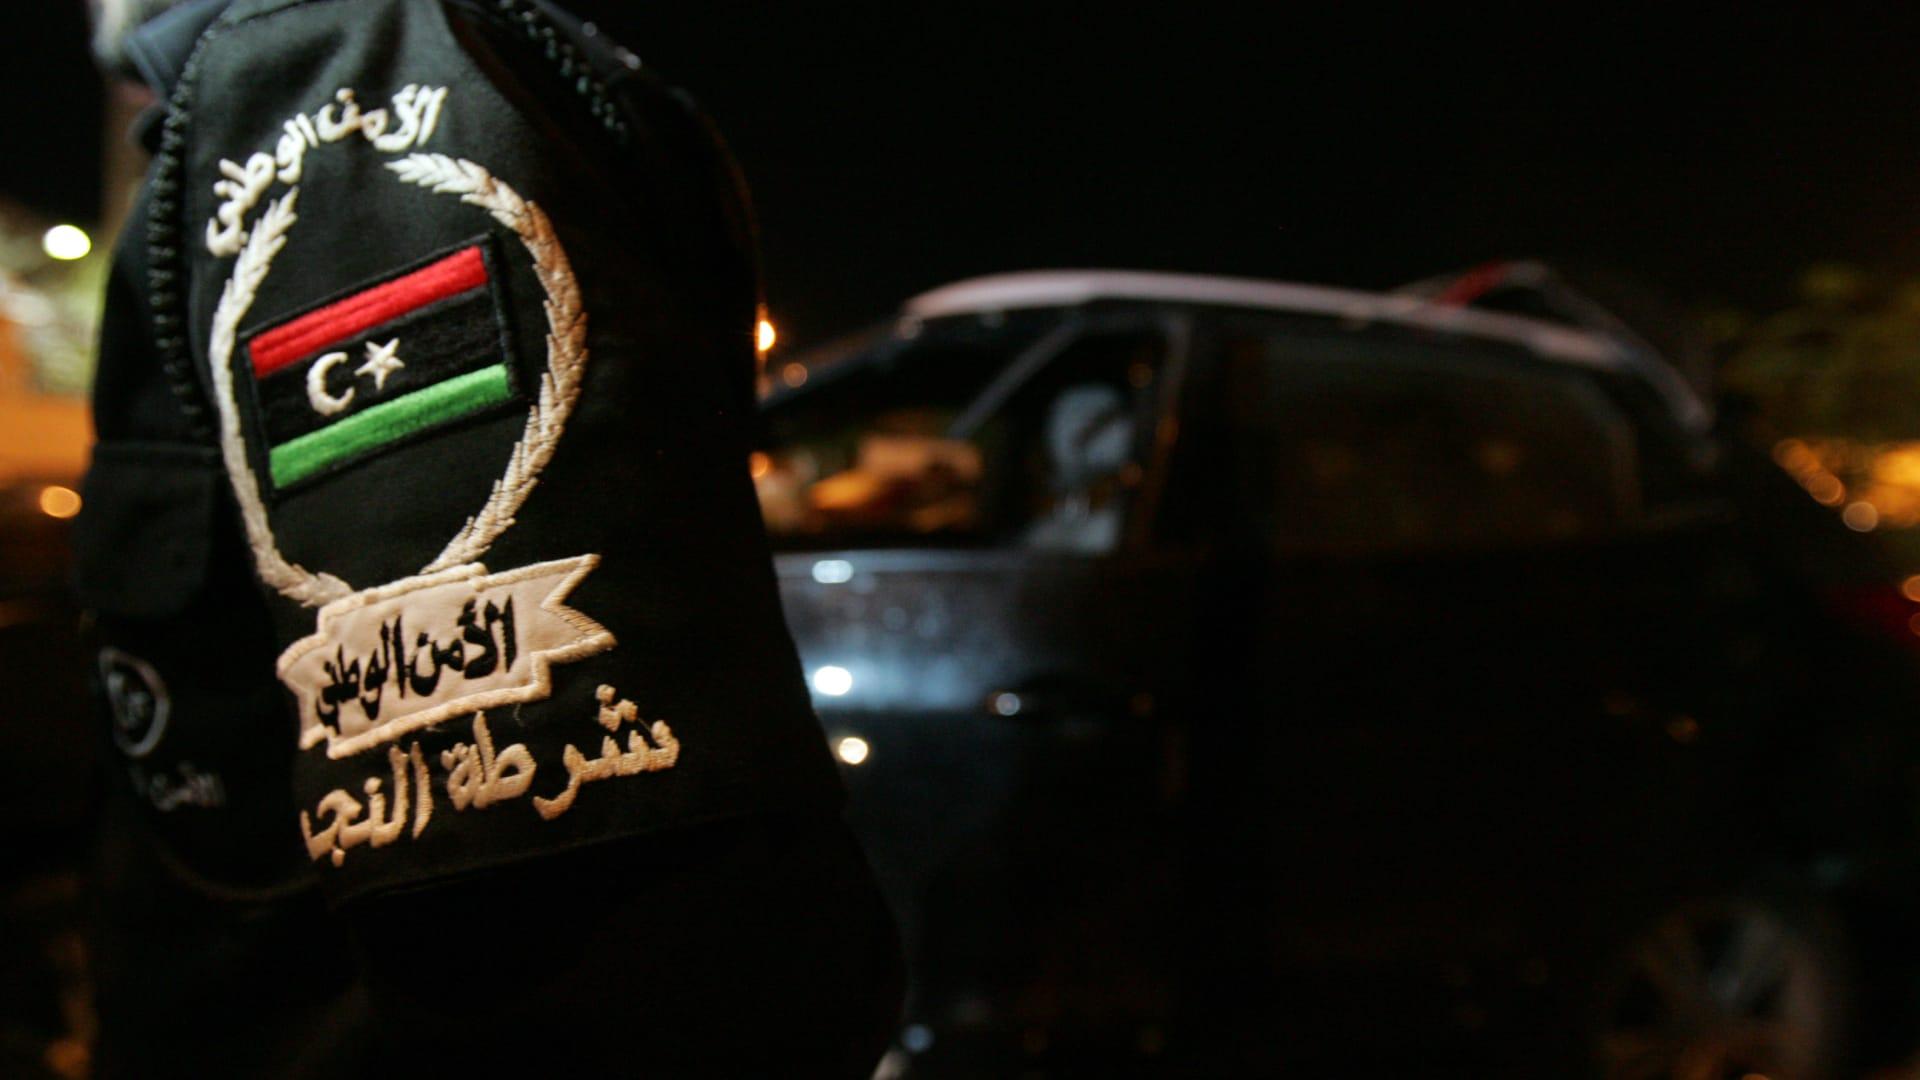 ليبيا: 7 قتلى في انفجار سيارة مفخخة في بنغازي